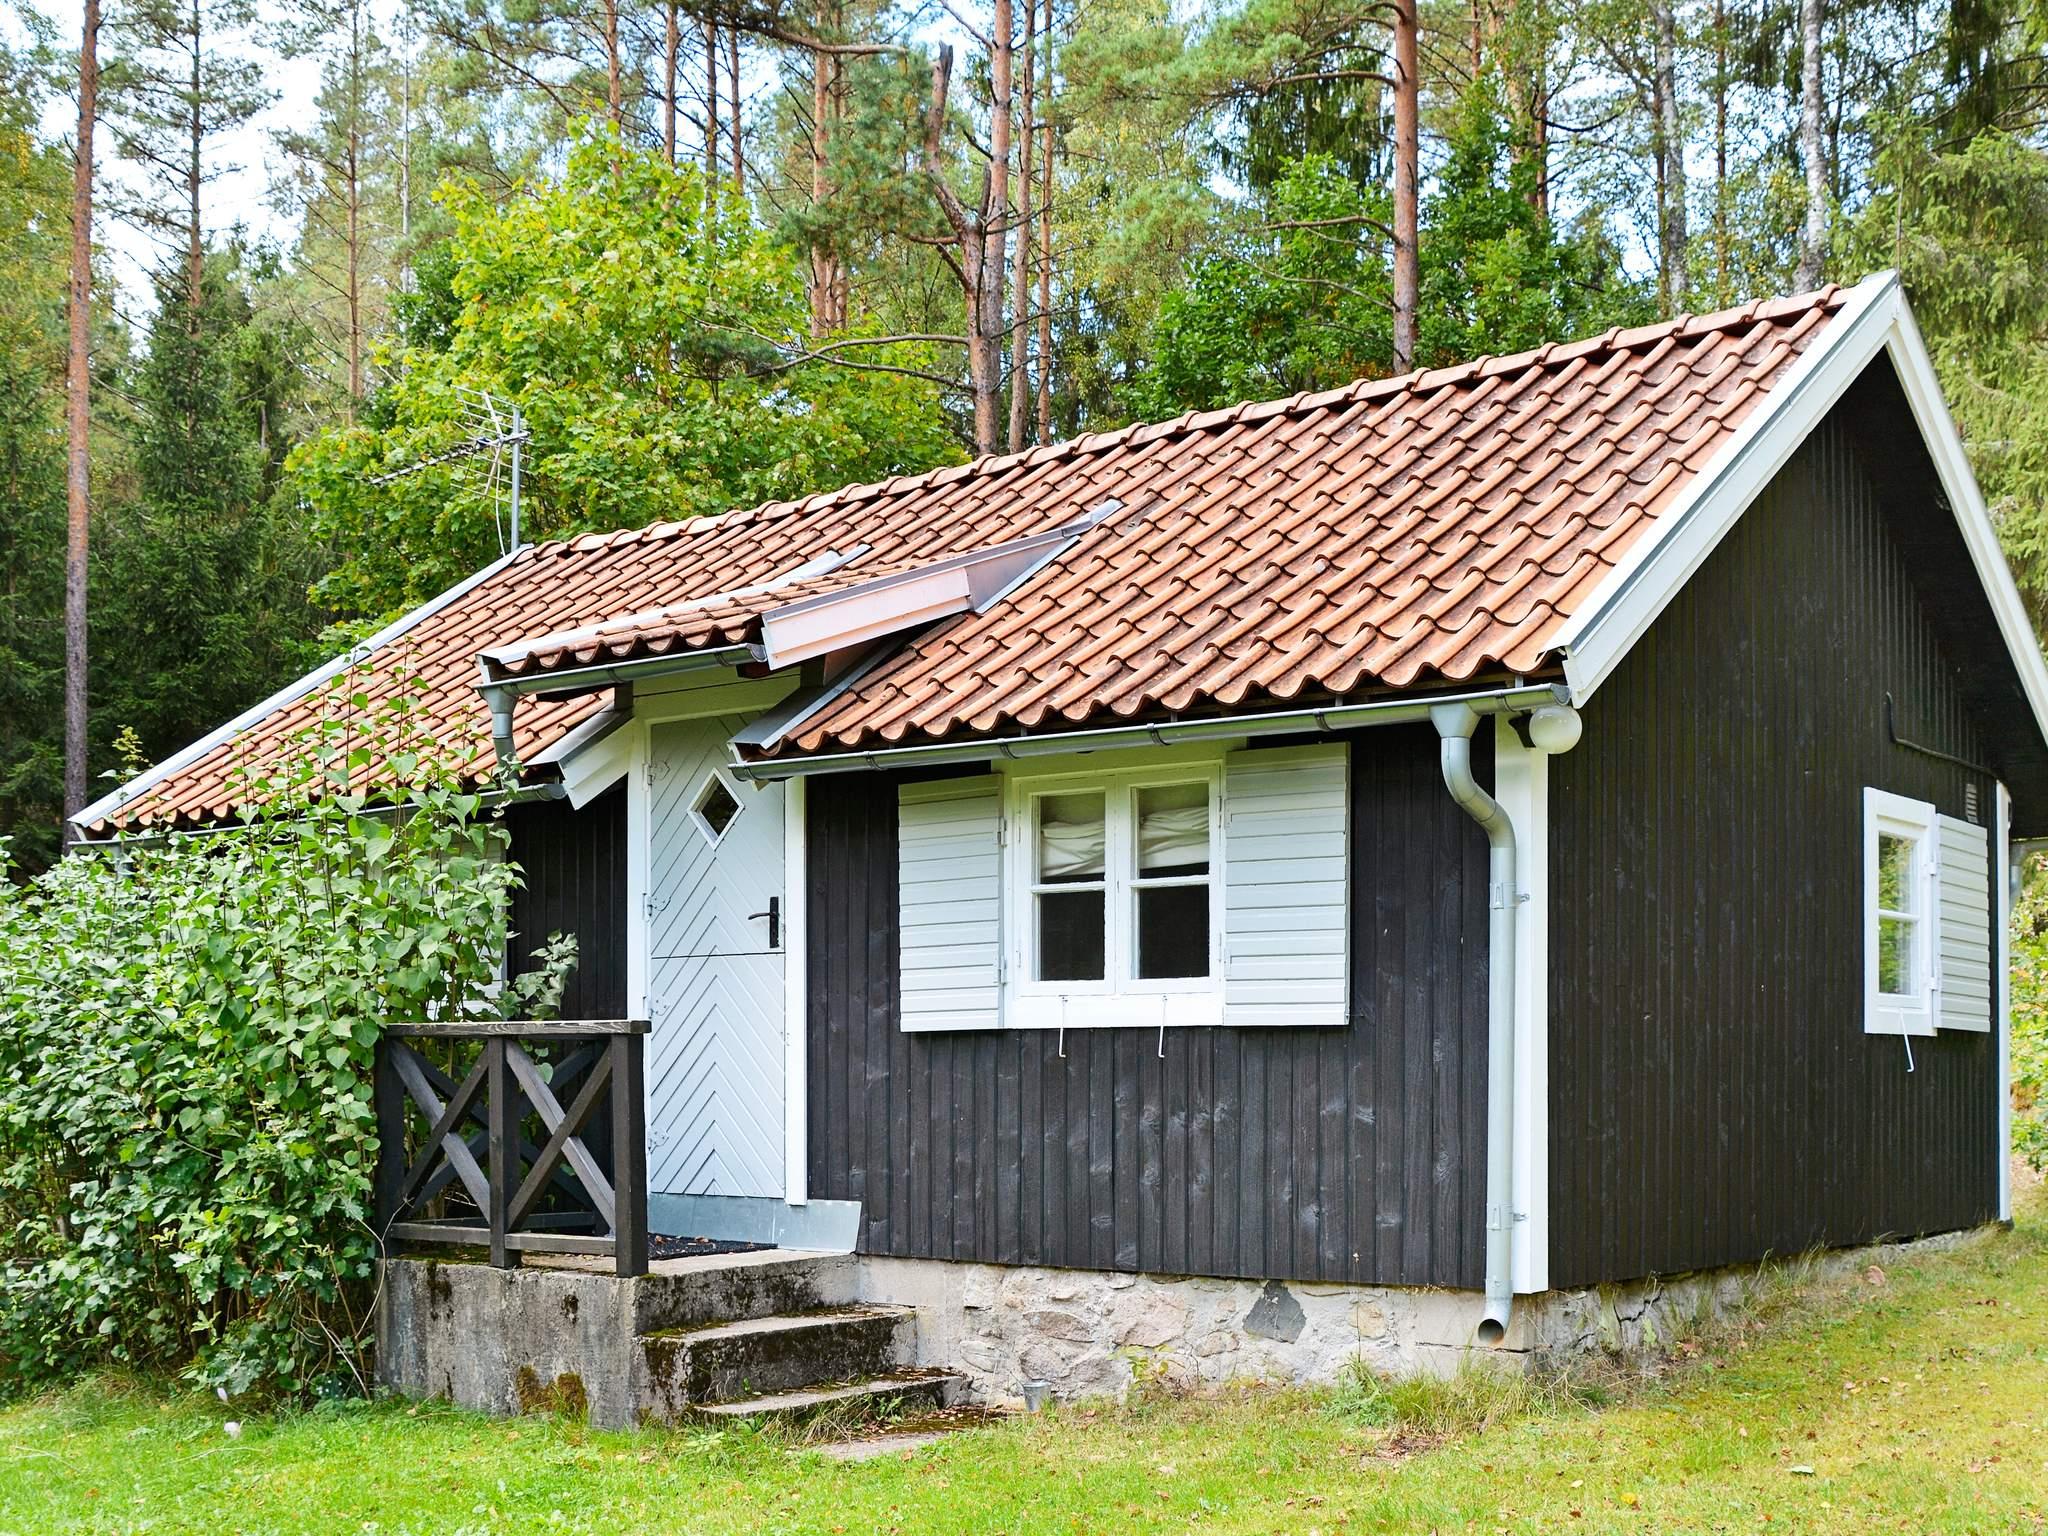 Ferienhaus Belganet (86864), Hallabro, Blekinge län, Südschweden, Schweden, Bild 7